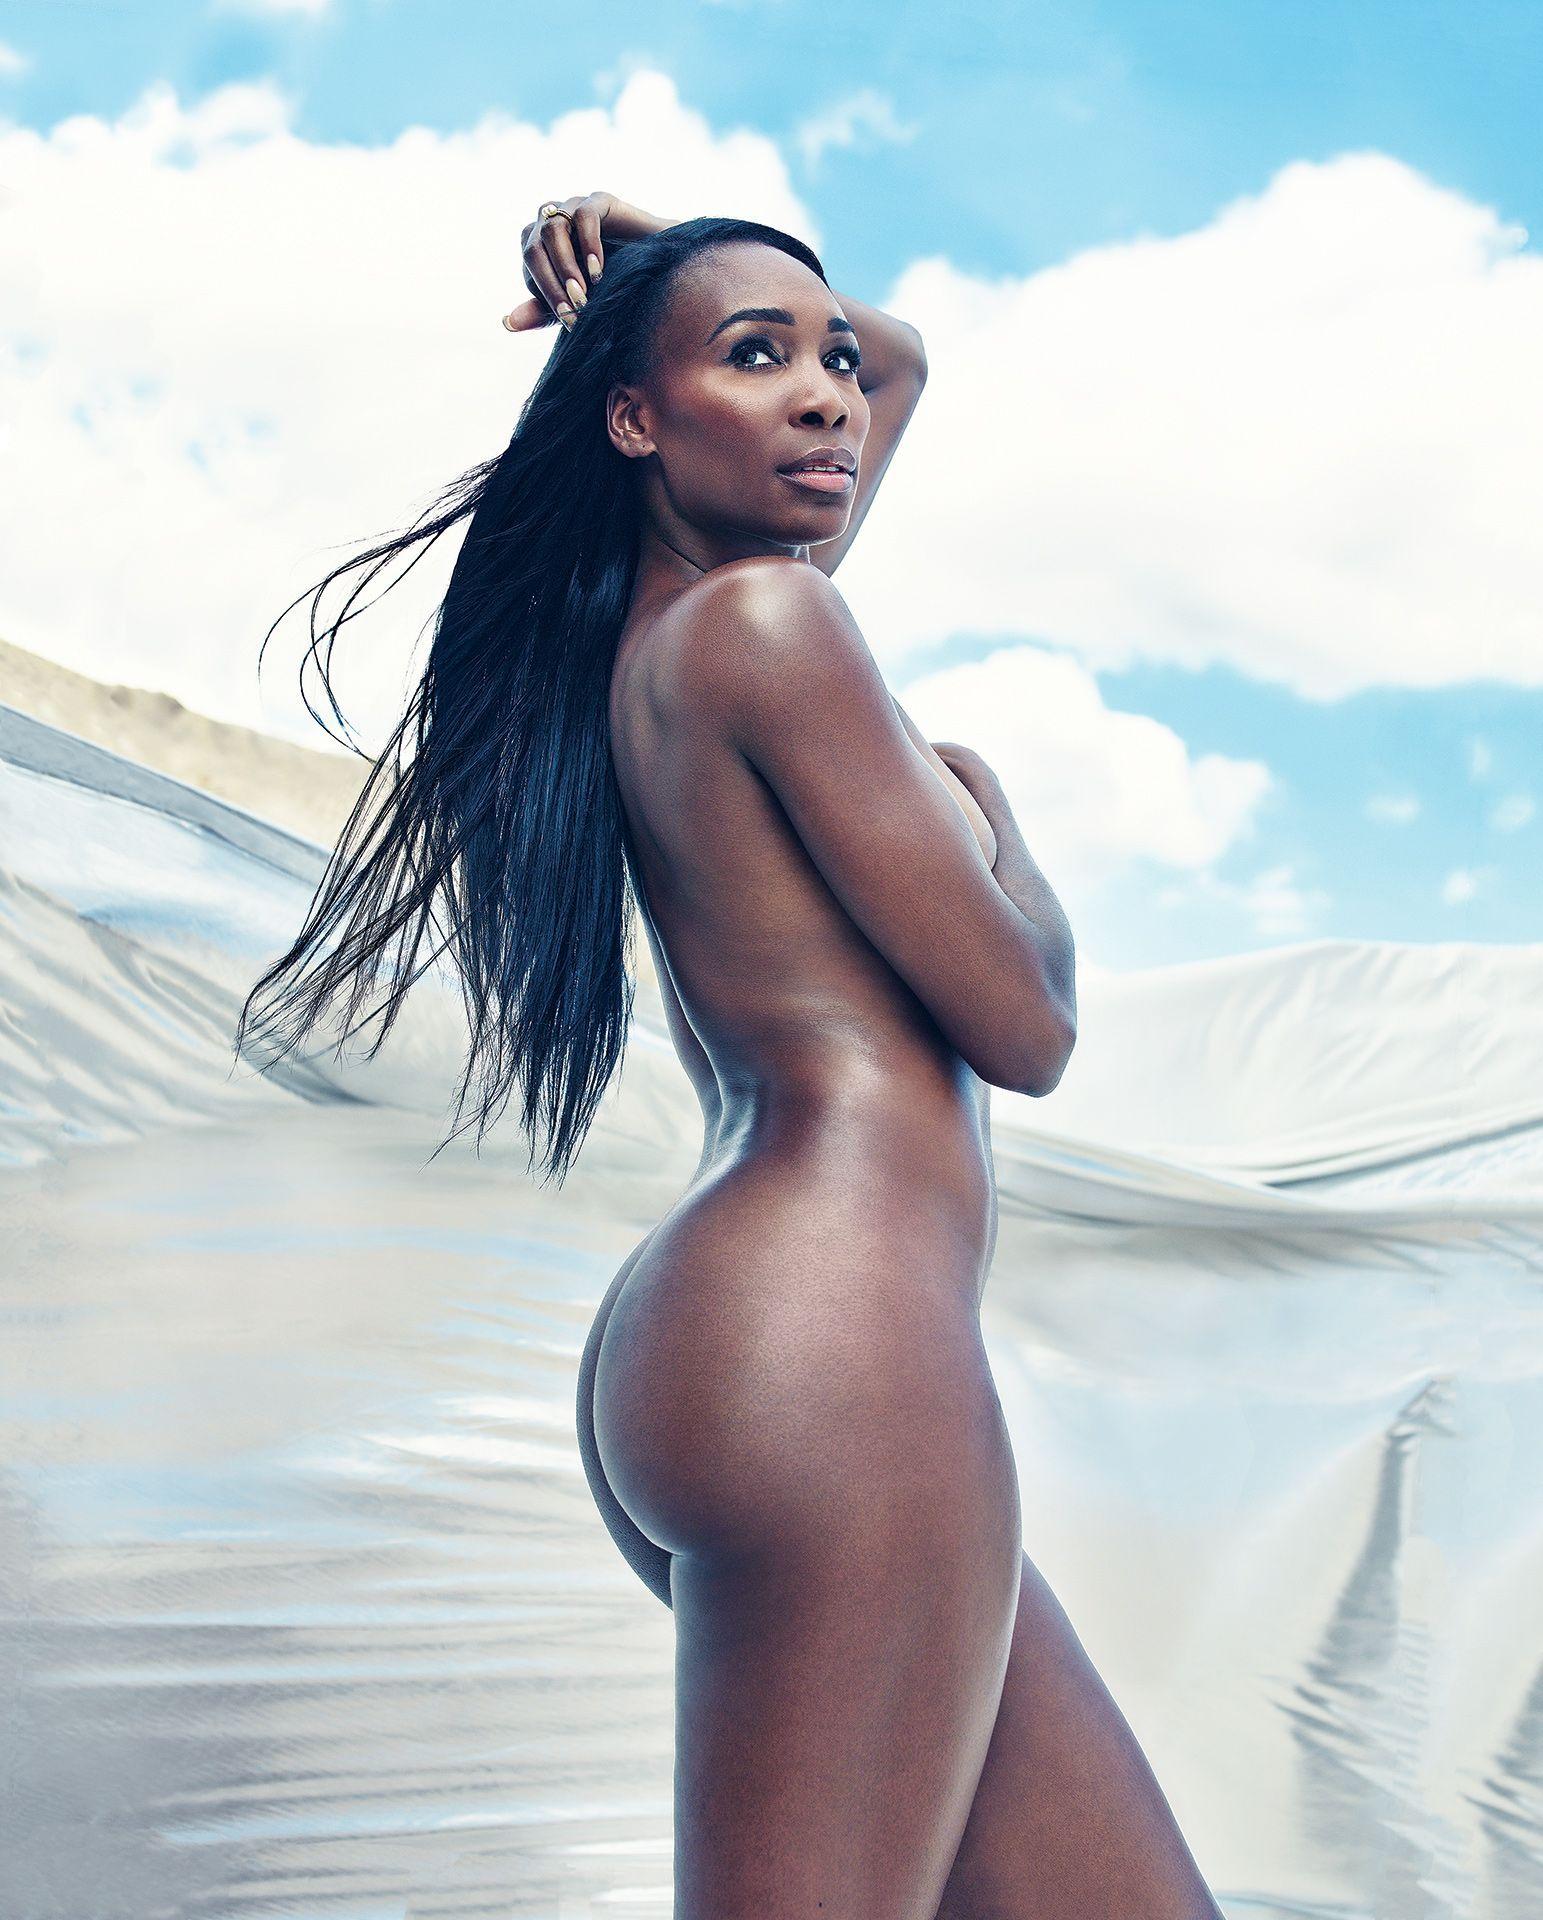 Uche jumbo nude photos gallery